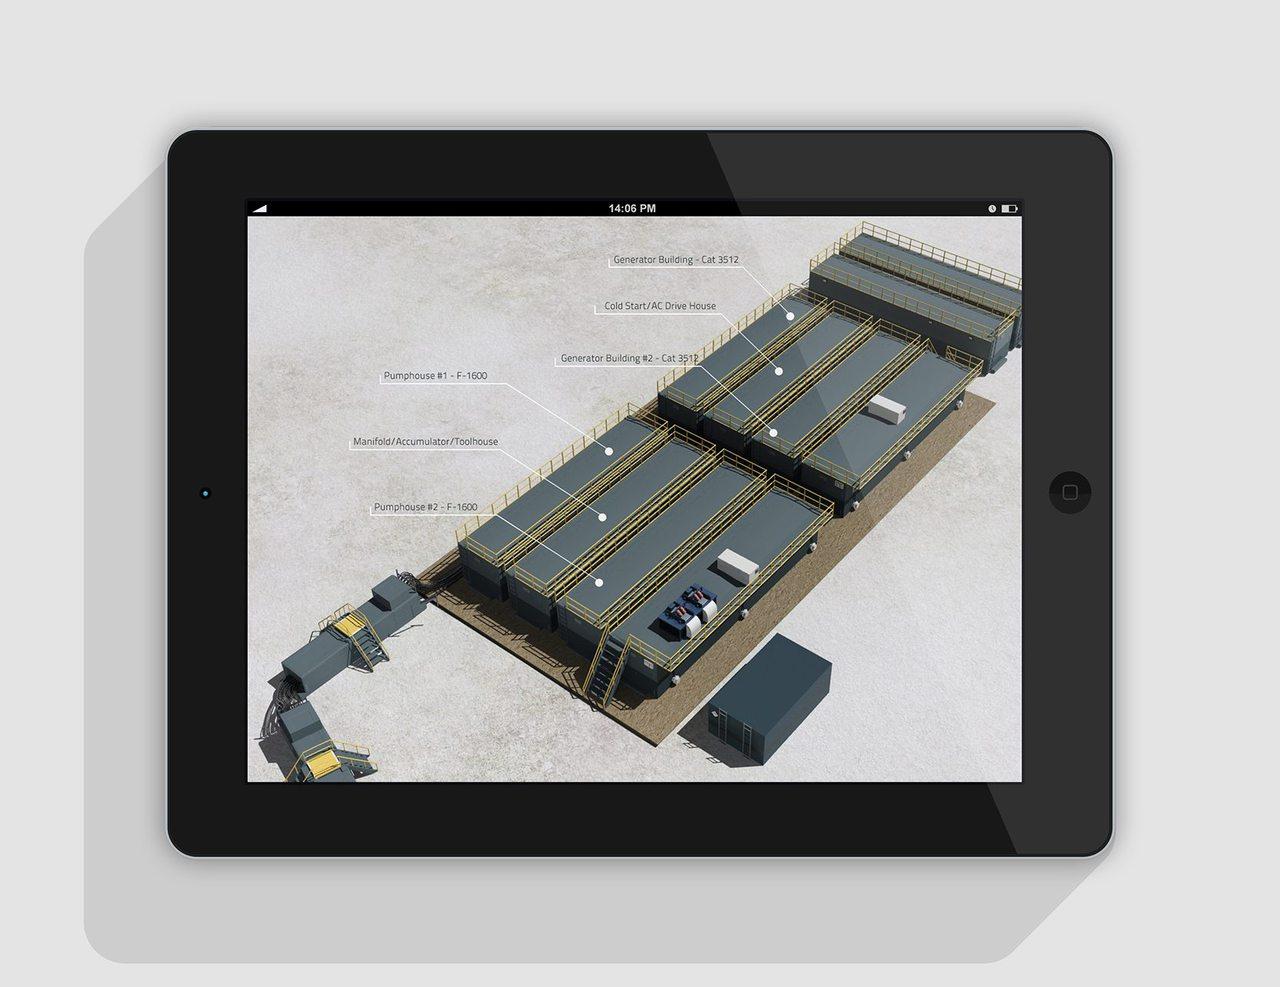 3D Calgary Design – Quintera Drilling